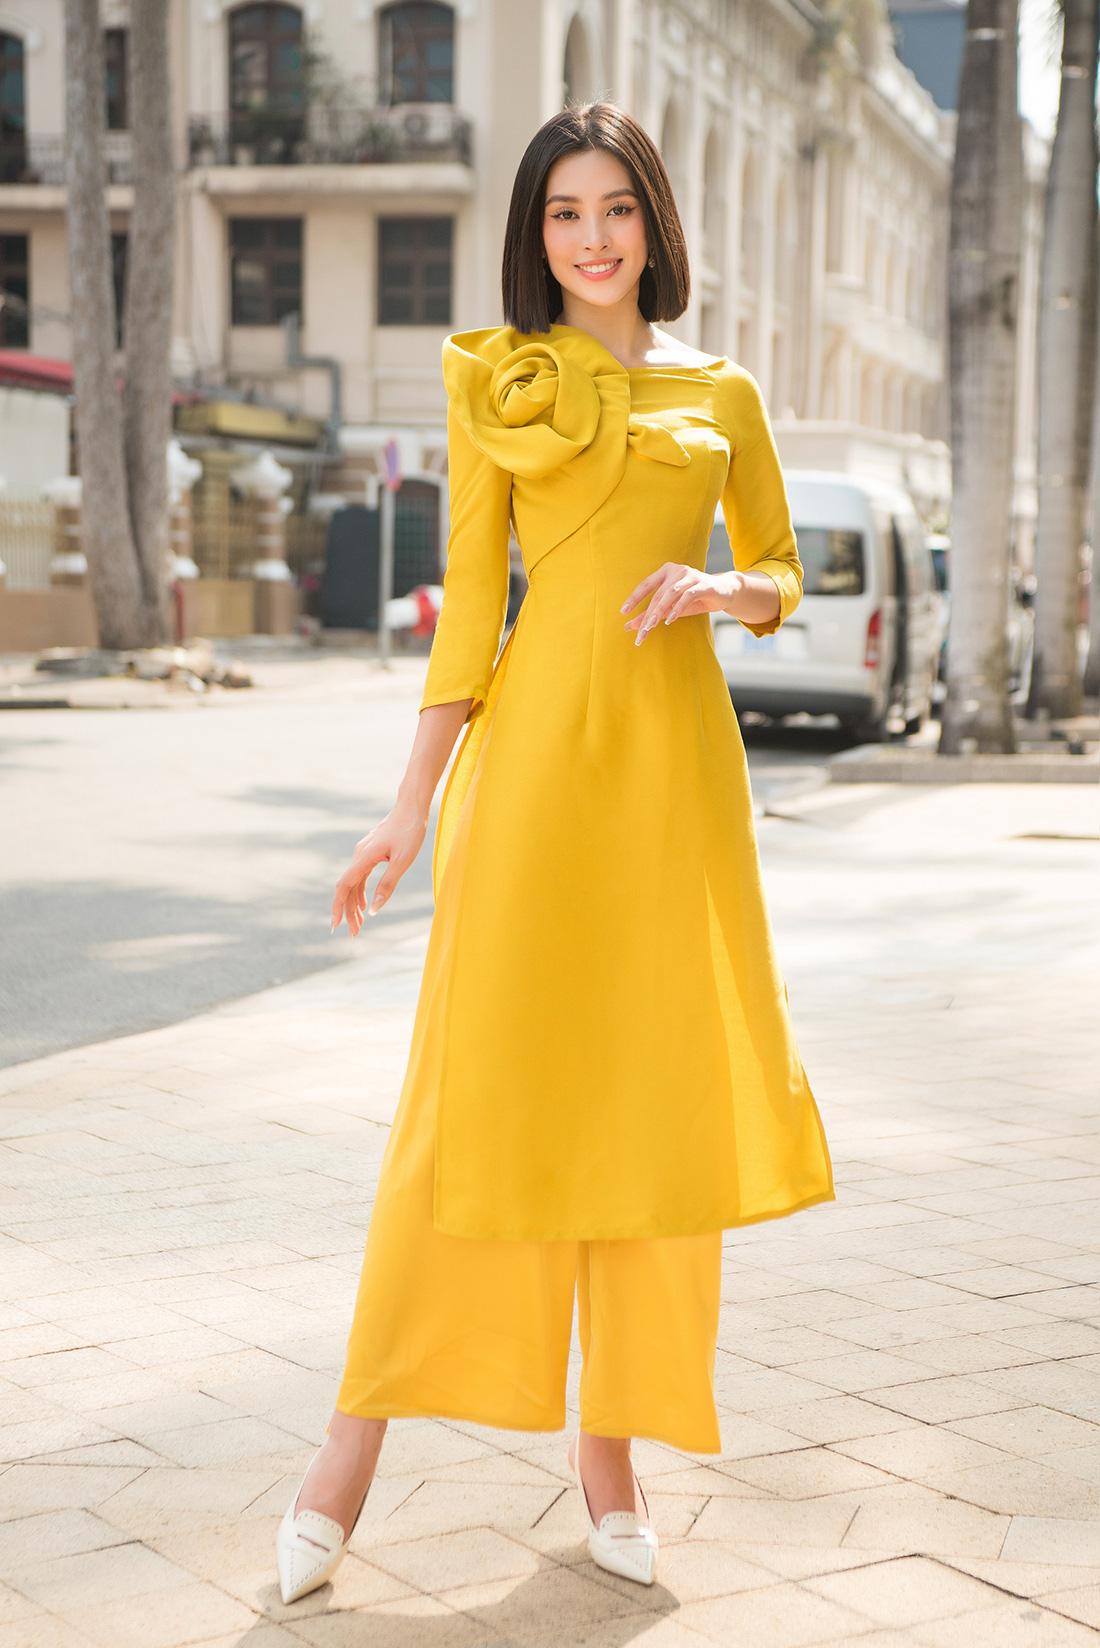 Đỗ Mỹ Linh, Trần Tiểu Vy gợi ý cách mặc áo dài Tết đẹp như hoa hậu - Ảnh 4.